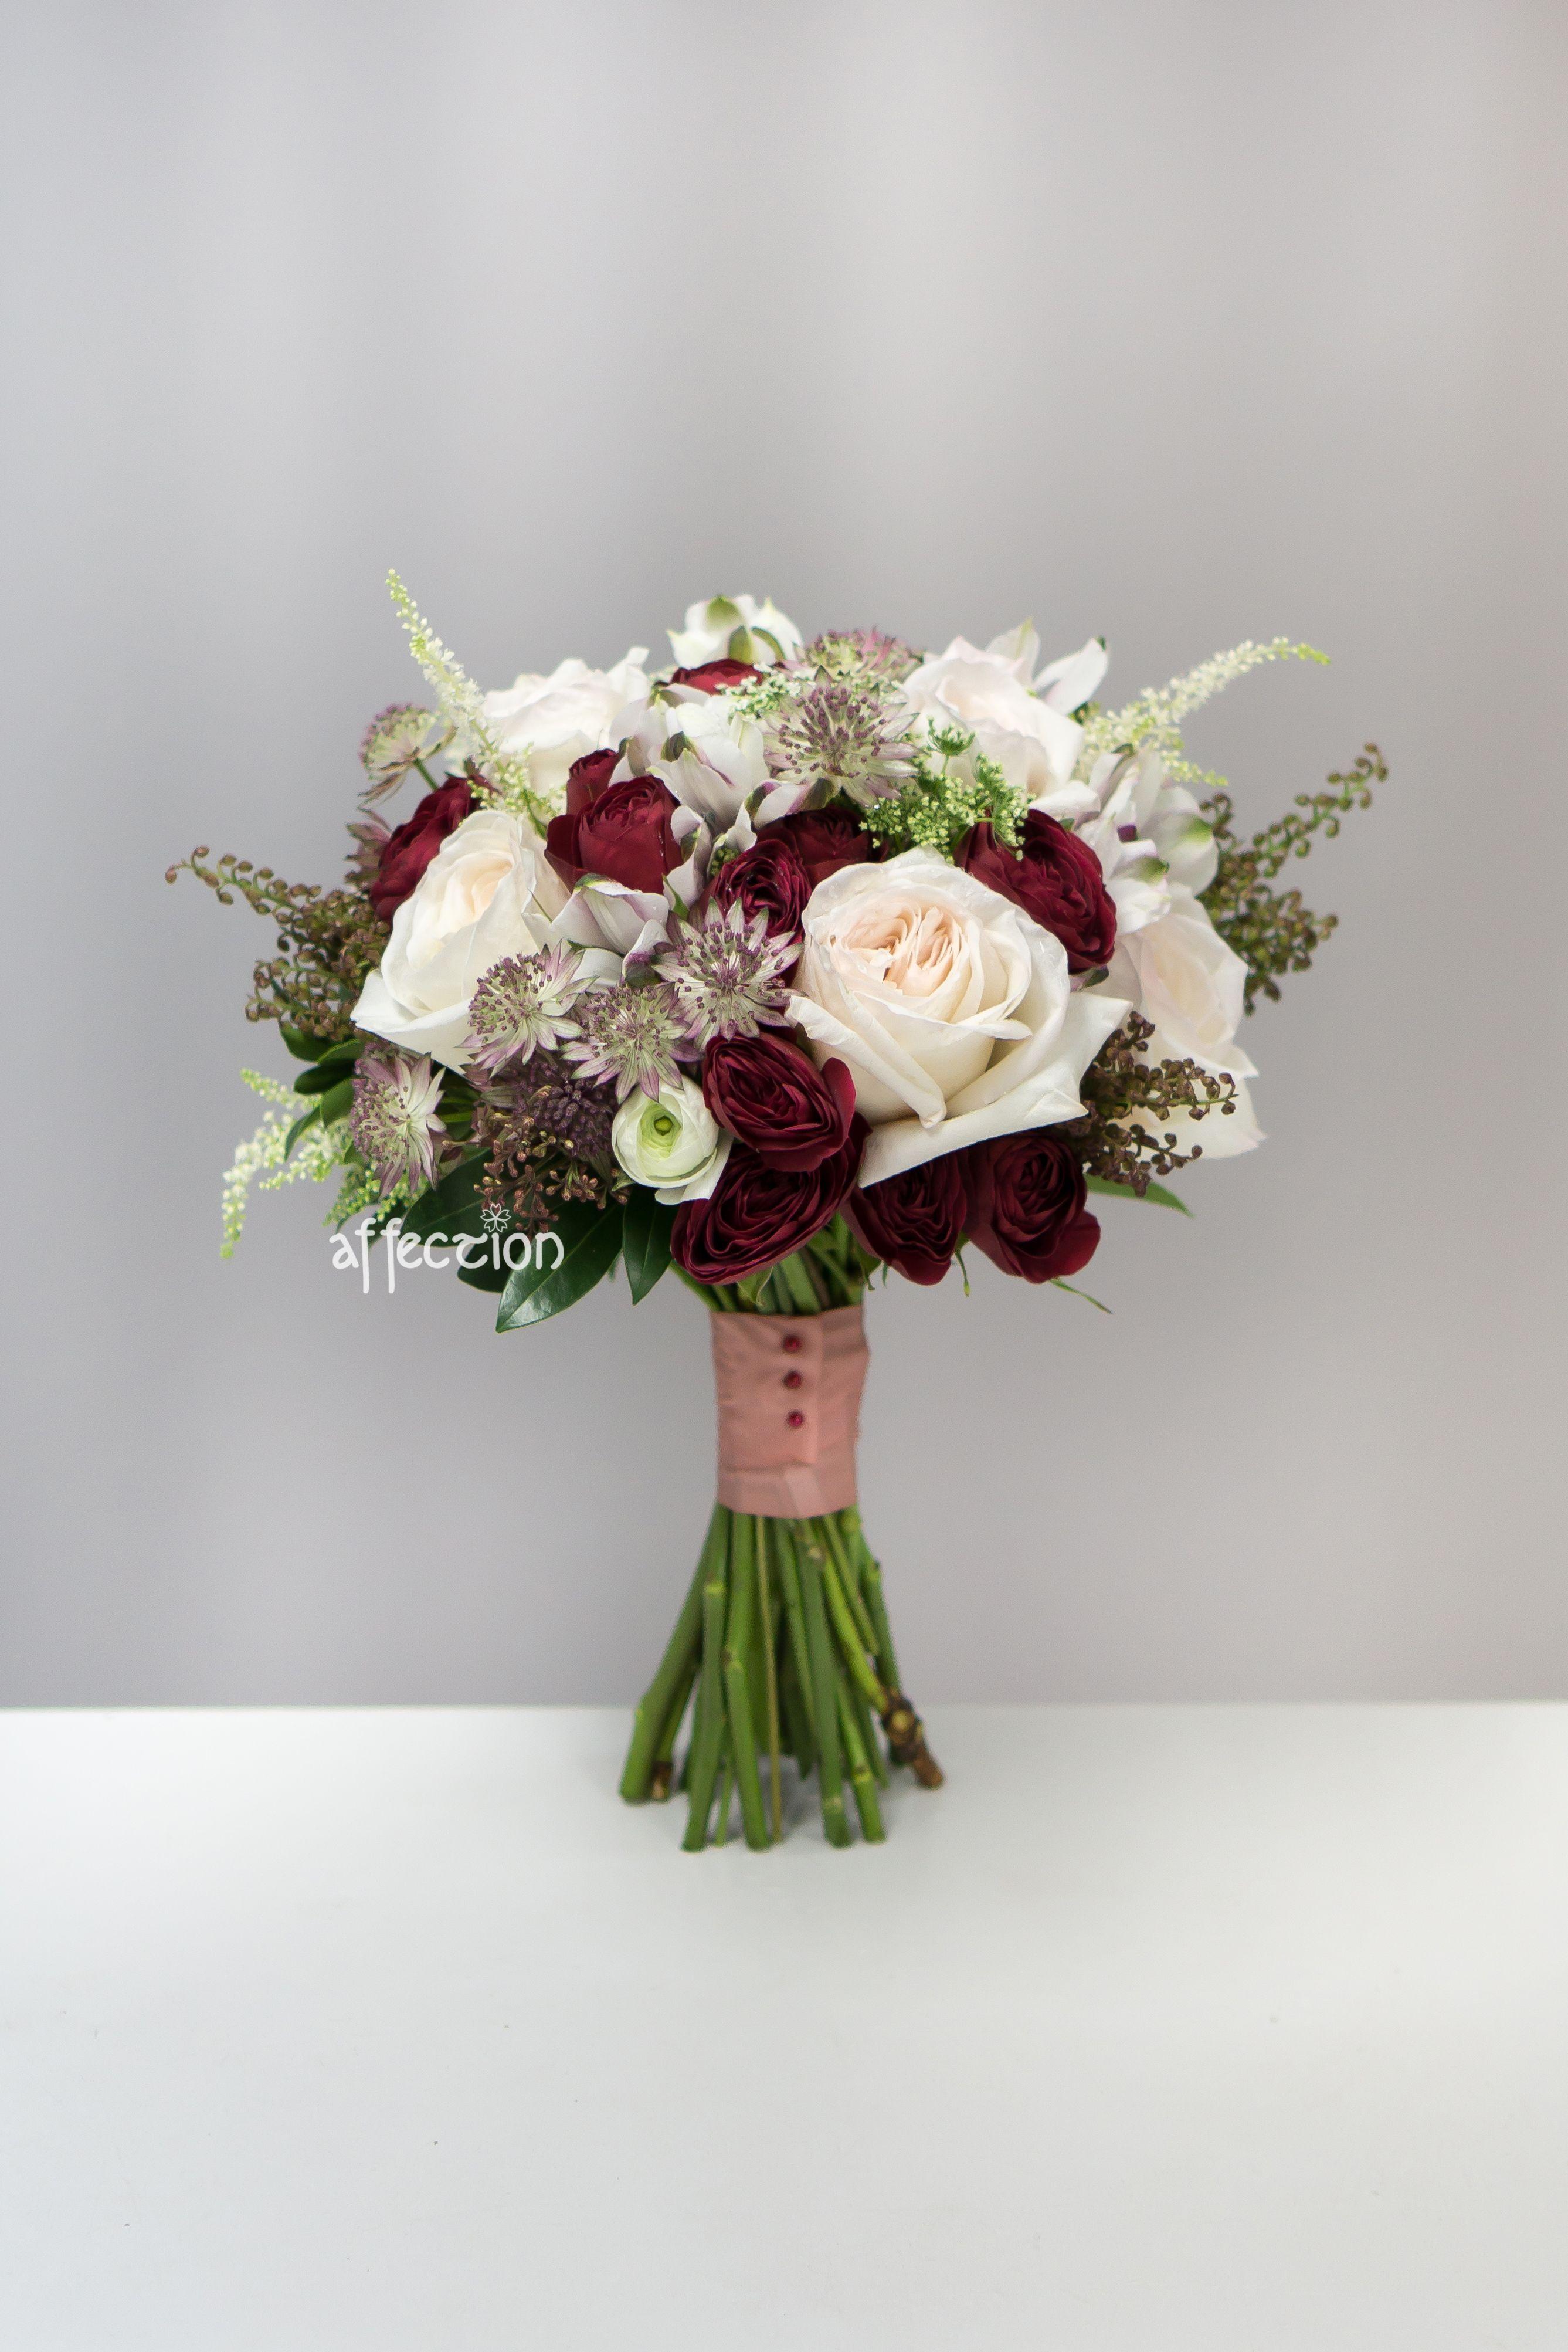 Fresh flower wedding bouquet weddingflowers wedding flowers fresh flower wedding bouquet romantic wedding colors romantic weddings hand bouquet flower bouquet izmirmasajfo